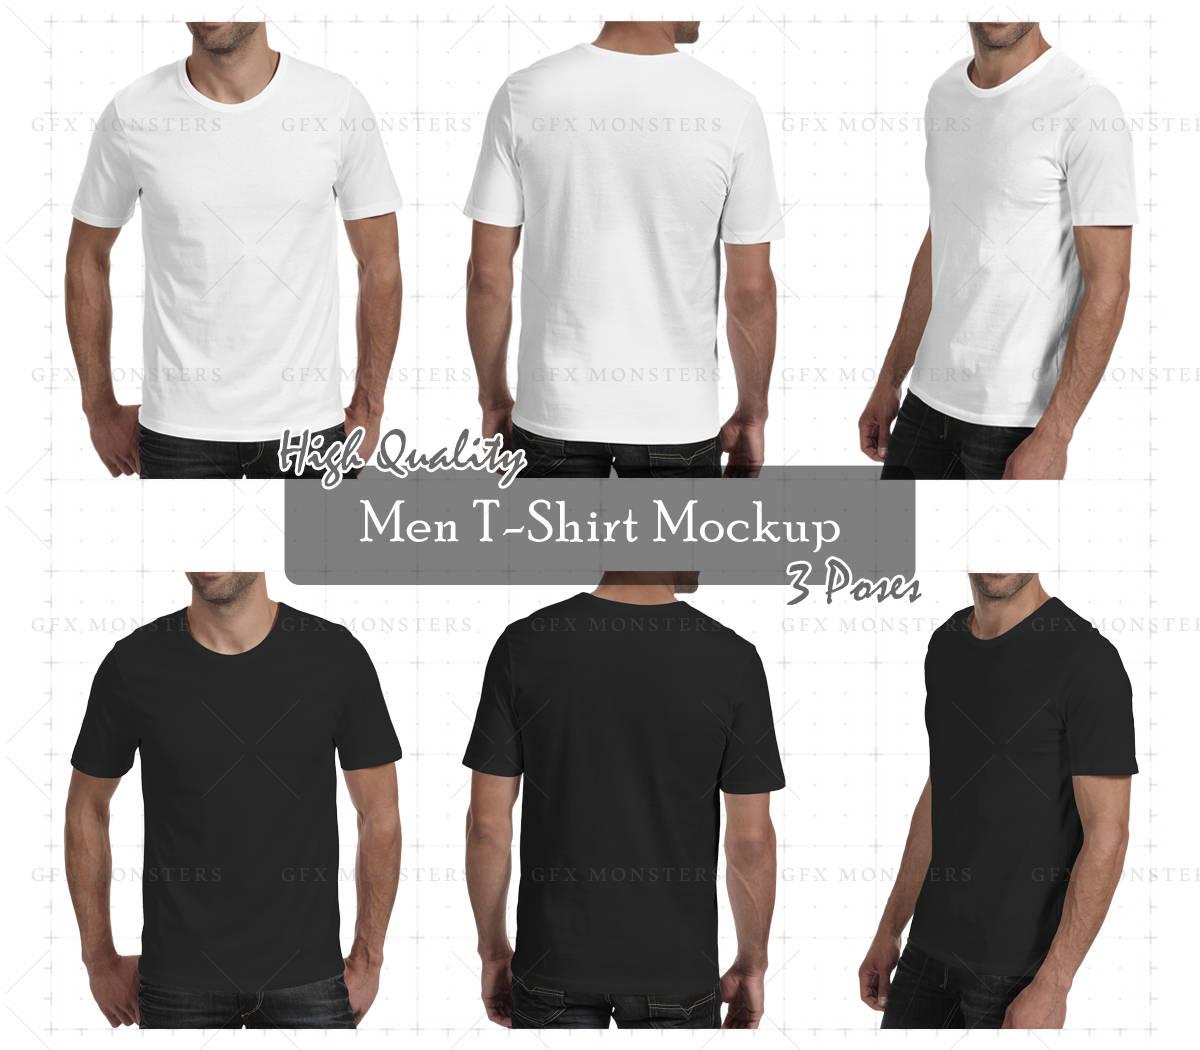 Men tshirt mockup png psd front back perspective for Back of shirt mockup